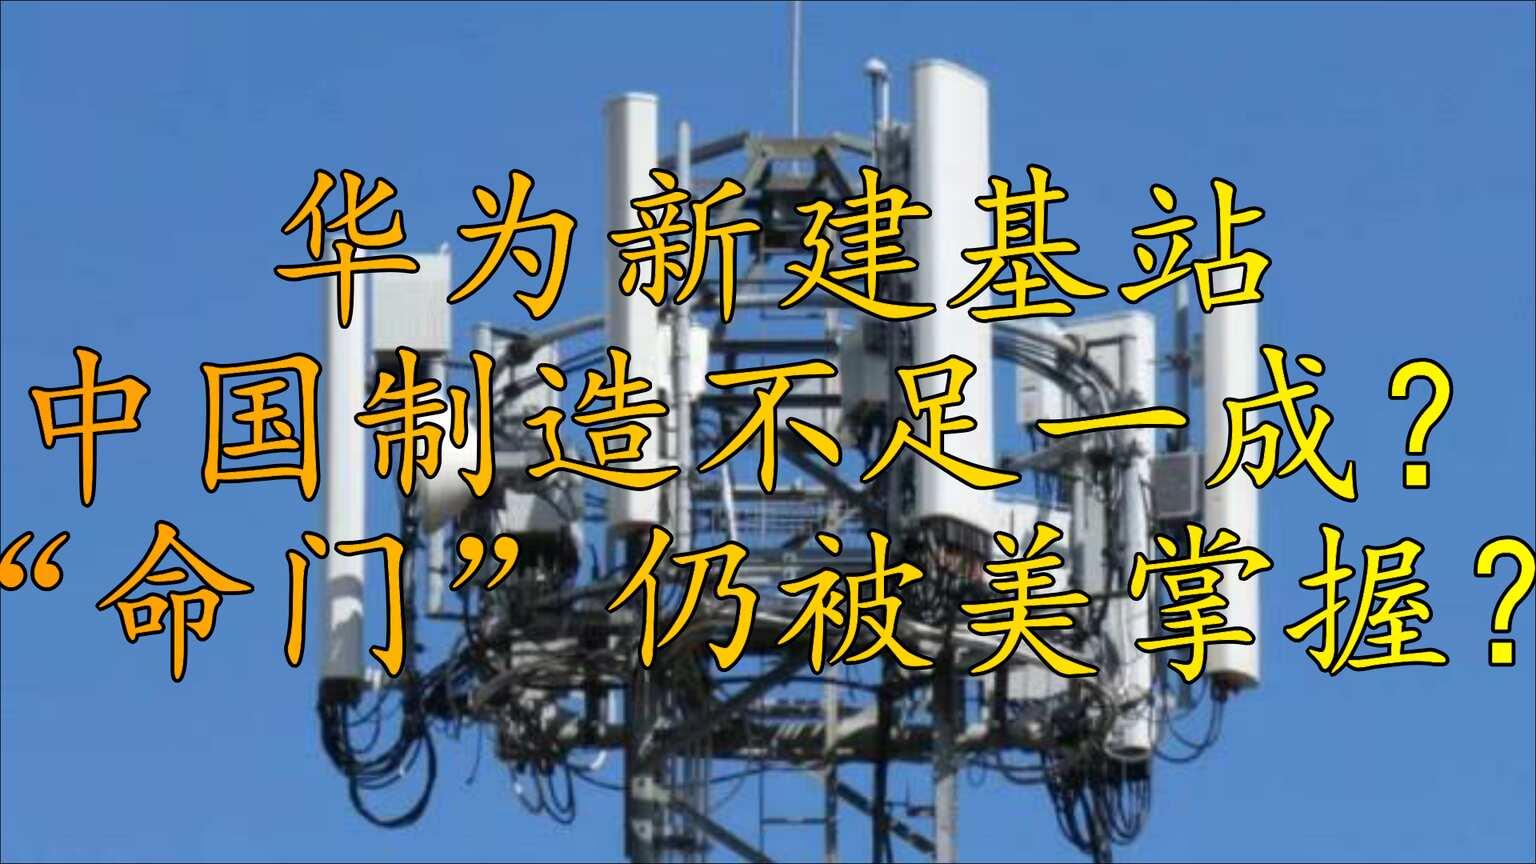 日媒曝华为基站中国制造零件不足一成?来看华为如何破解残局